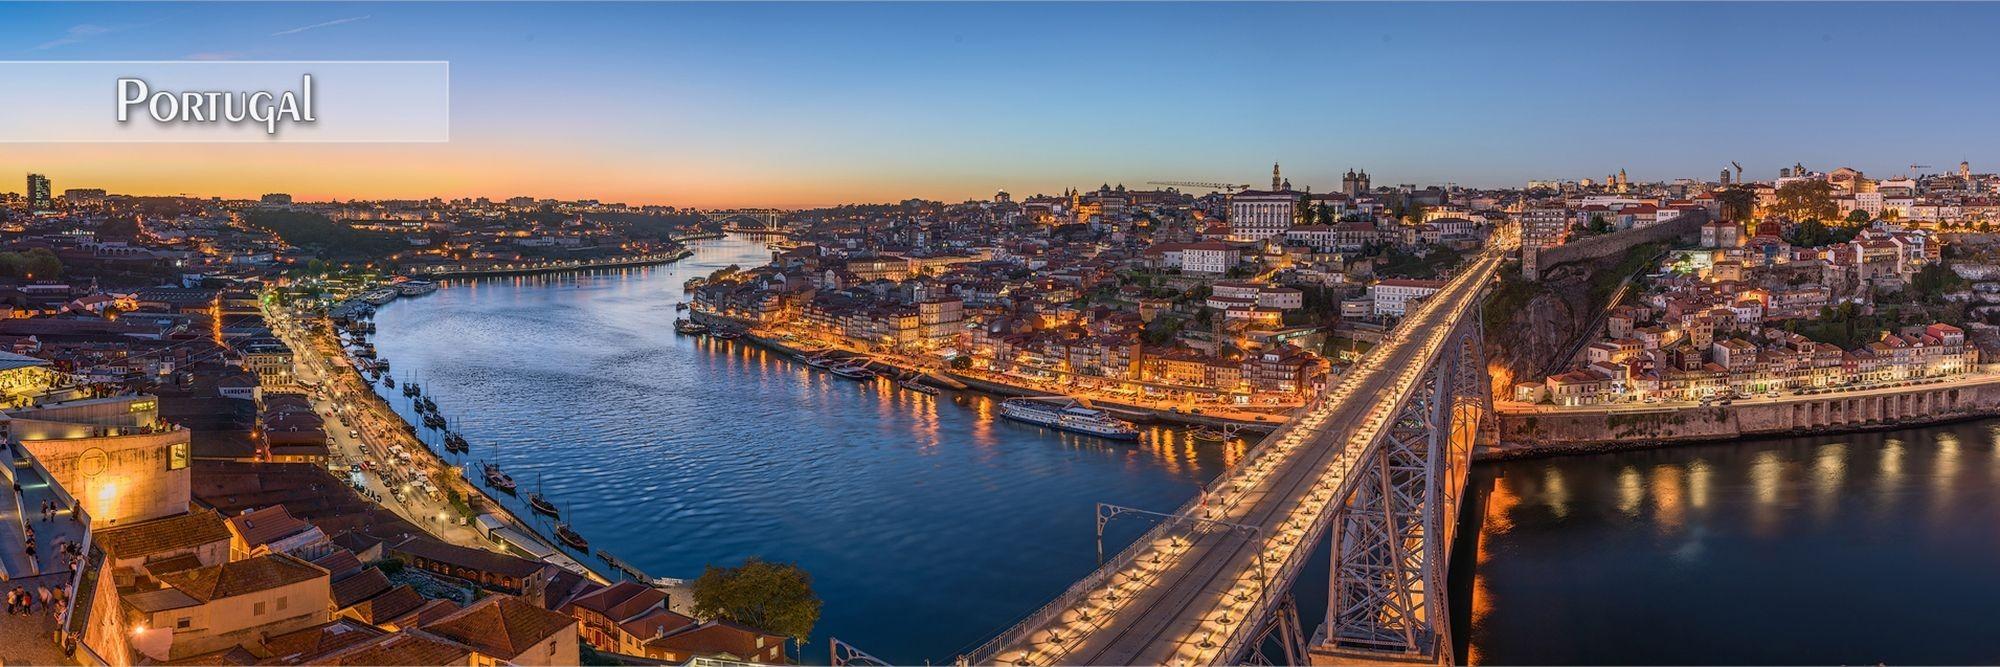 Bilder von Portugal als Wandbild oder Küchenrückwand